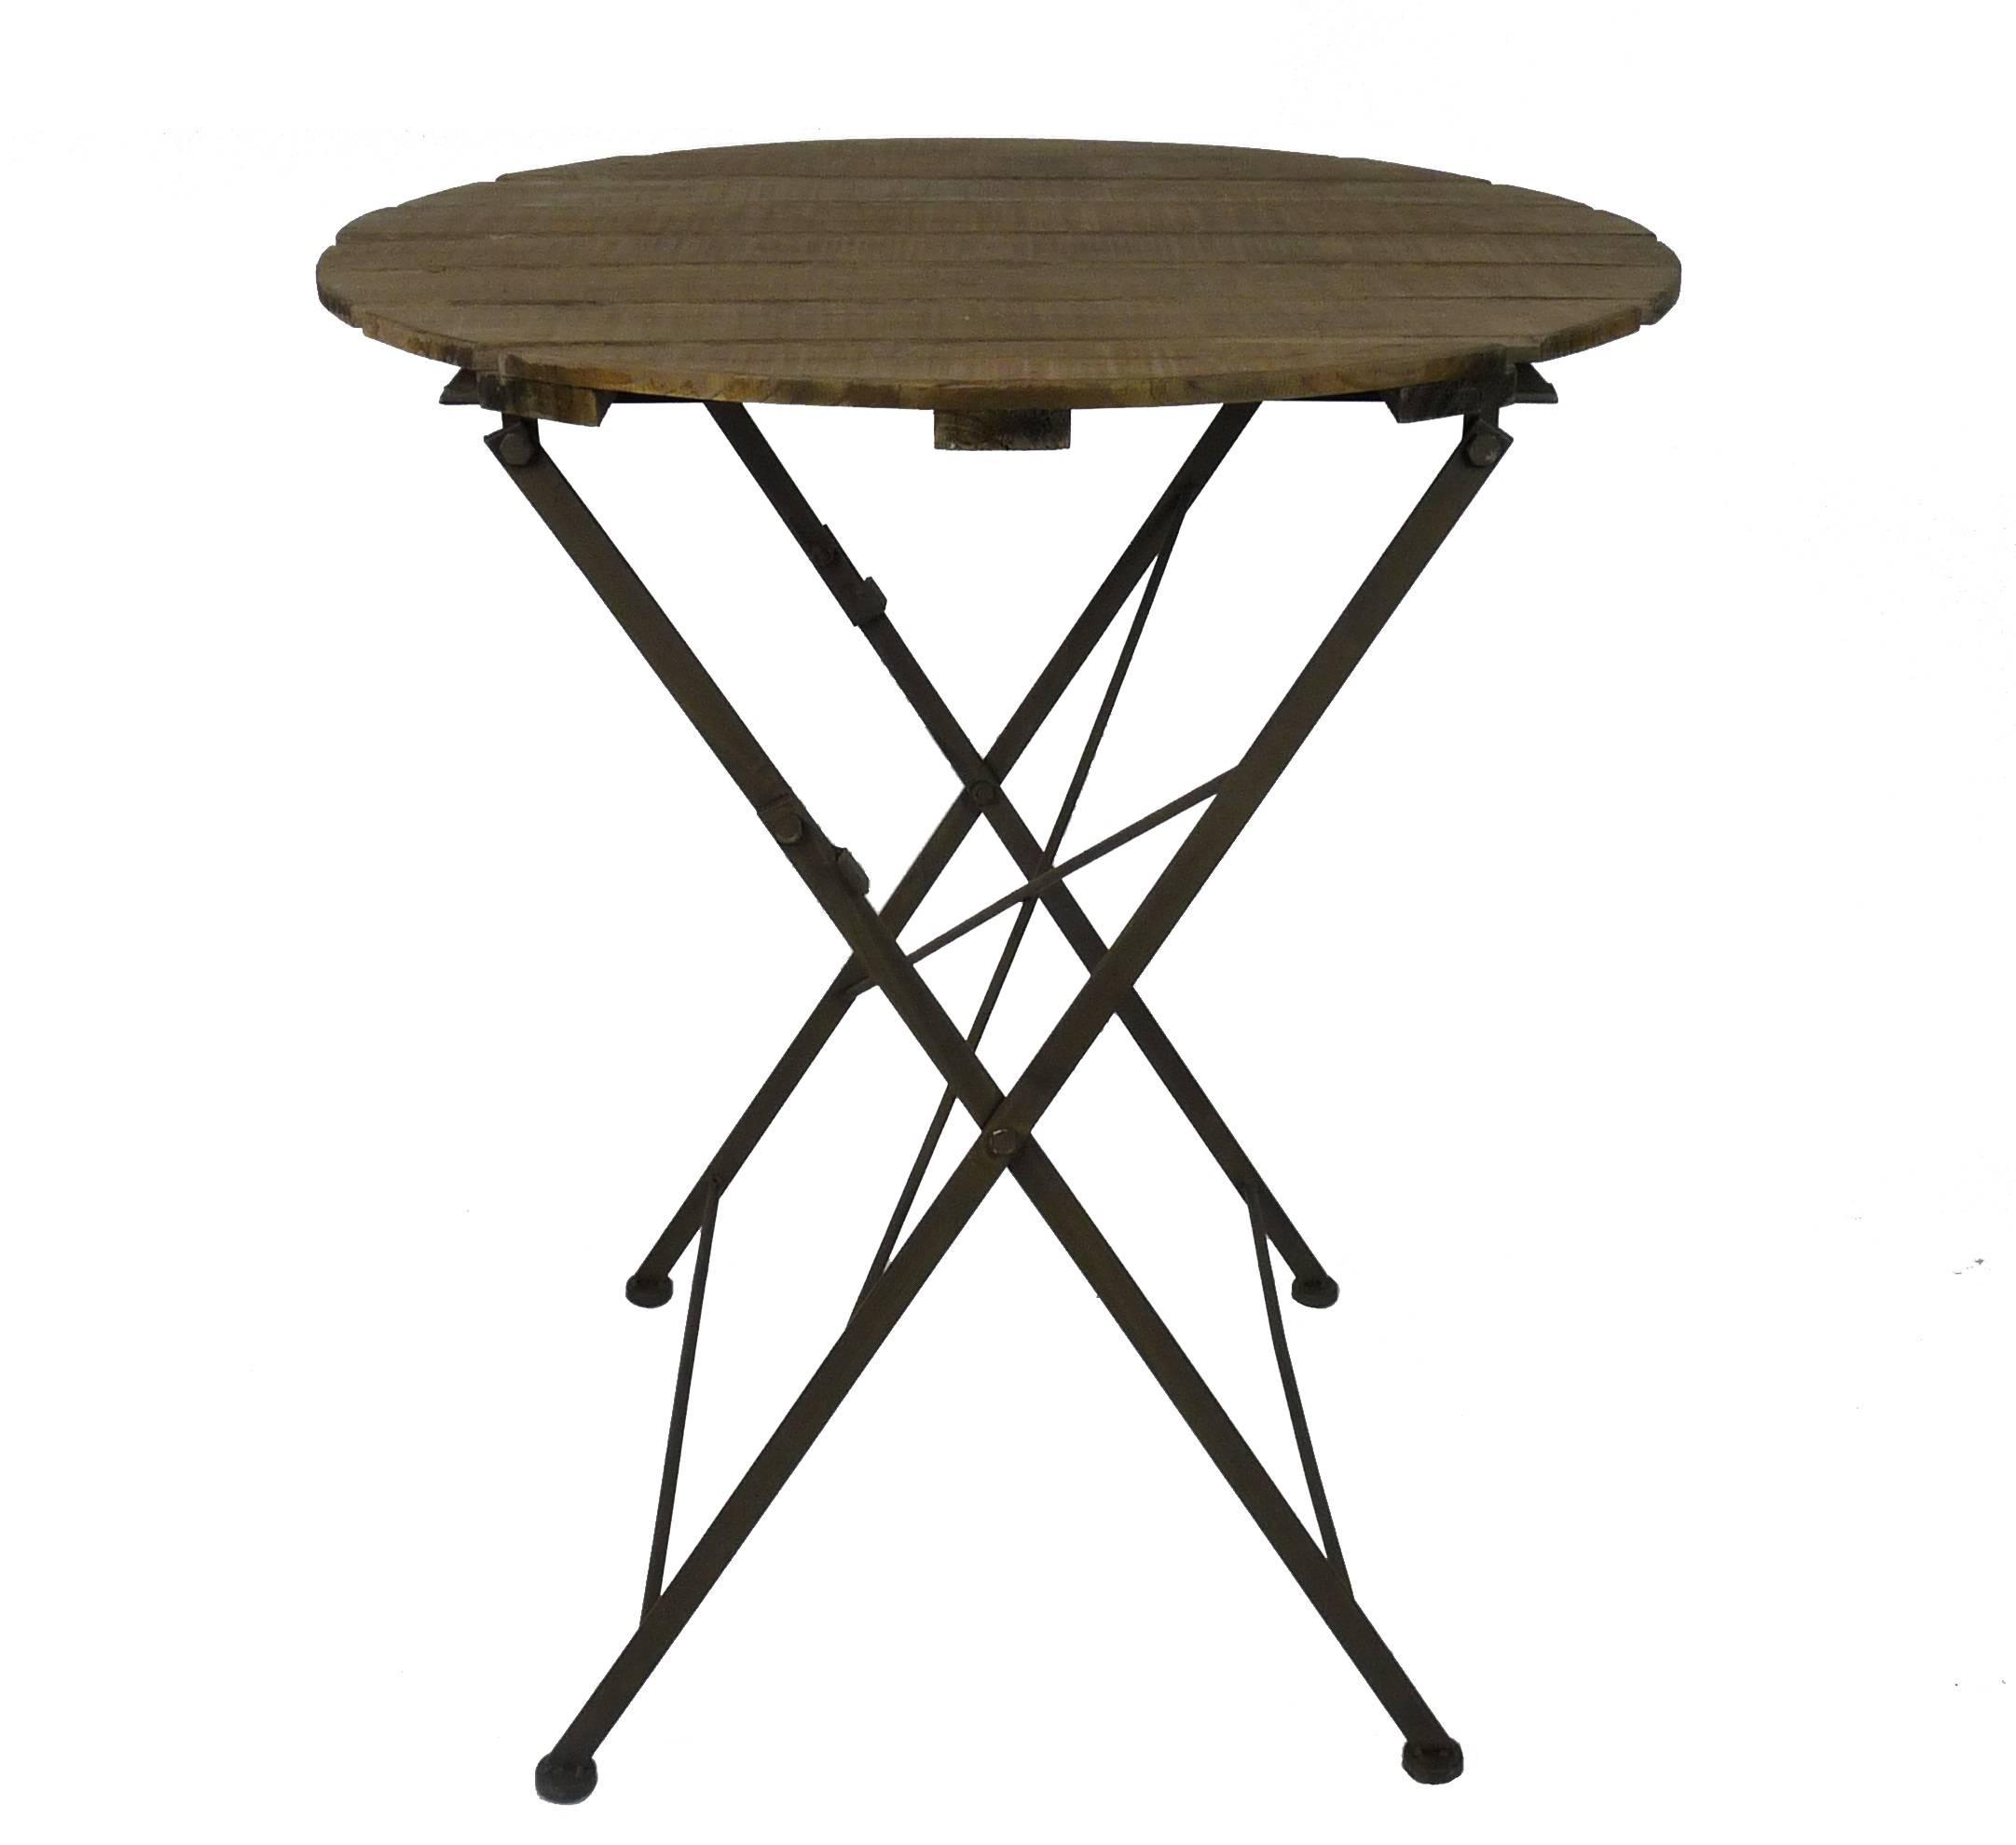 Table Bois Metal Exterieur table ronde desserte pliable console d'appoint intérieur extérieur guéridon  en bois et fer 70x70x80cm